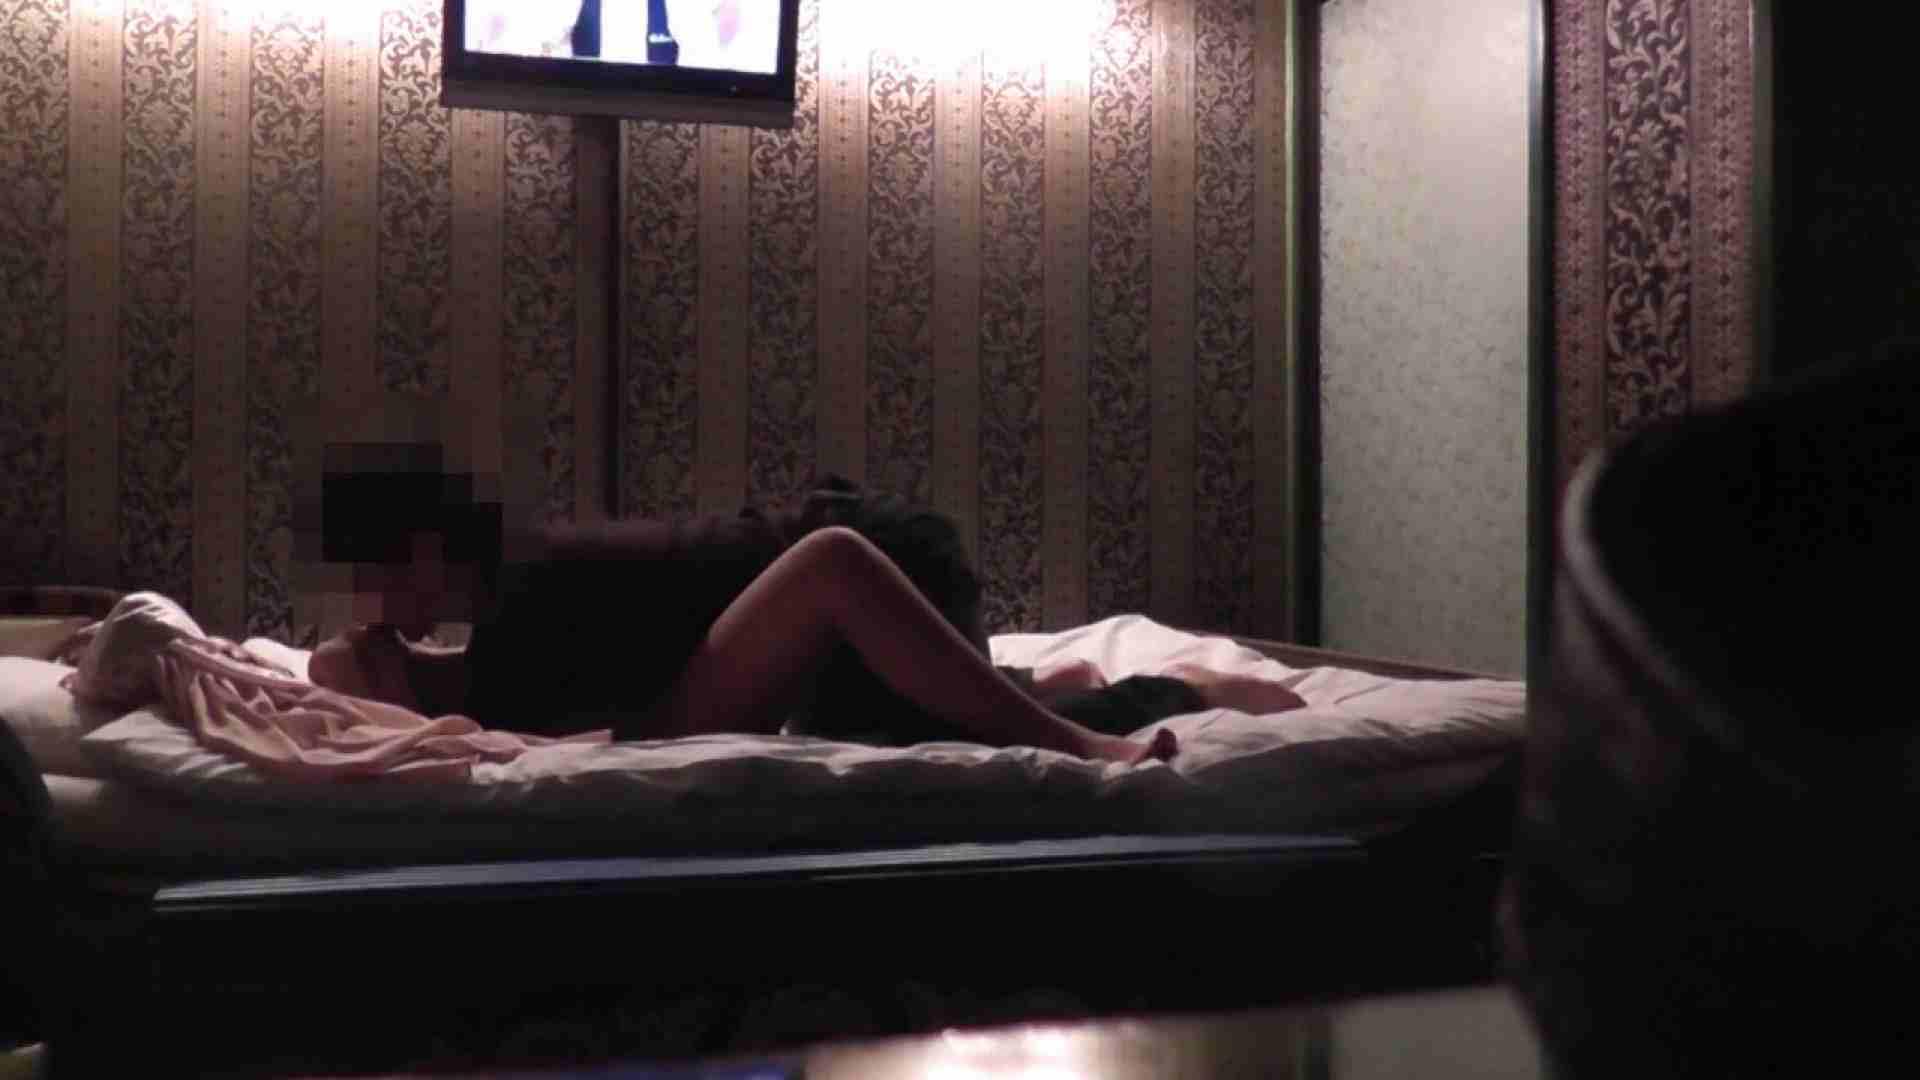 美女だらけのプライベートSEXvol.5 美女のボディ 隠し撮りオマンコ動画紹介 64PIX 7